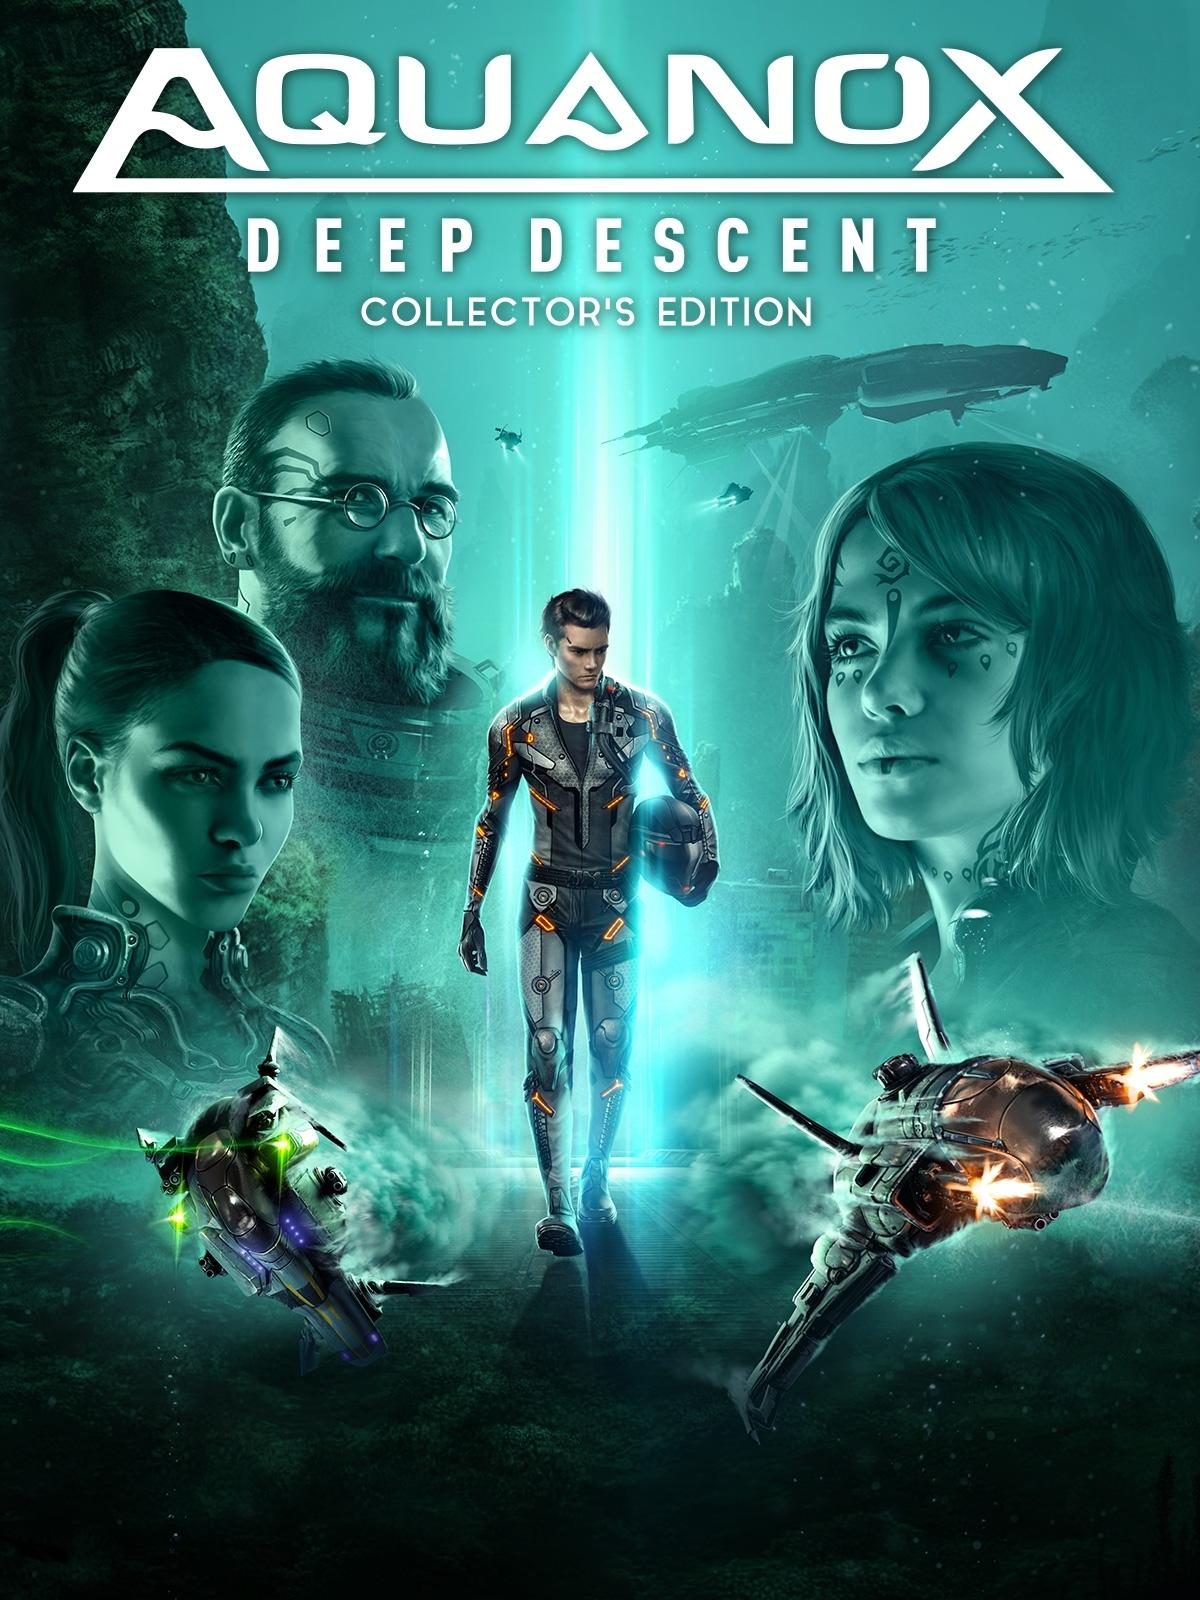 Aquanox Deep Descent Collector's Edition